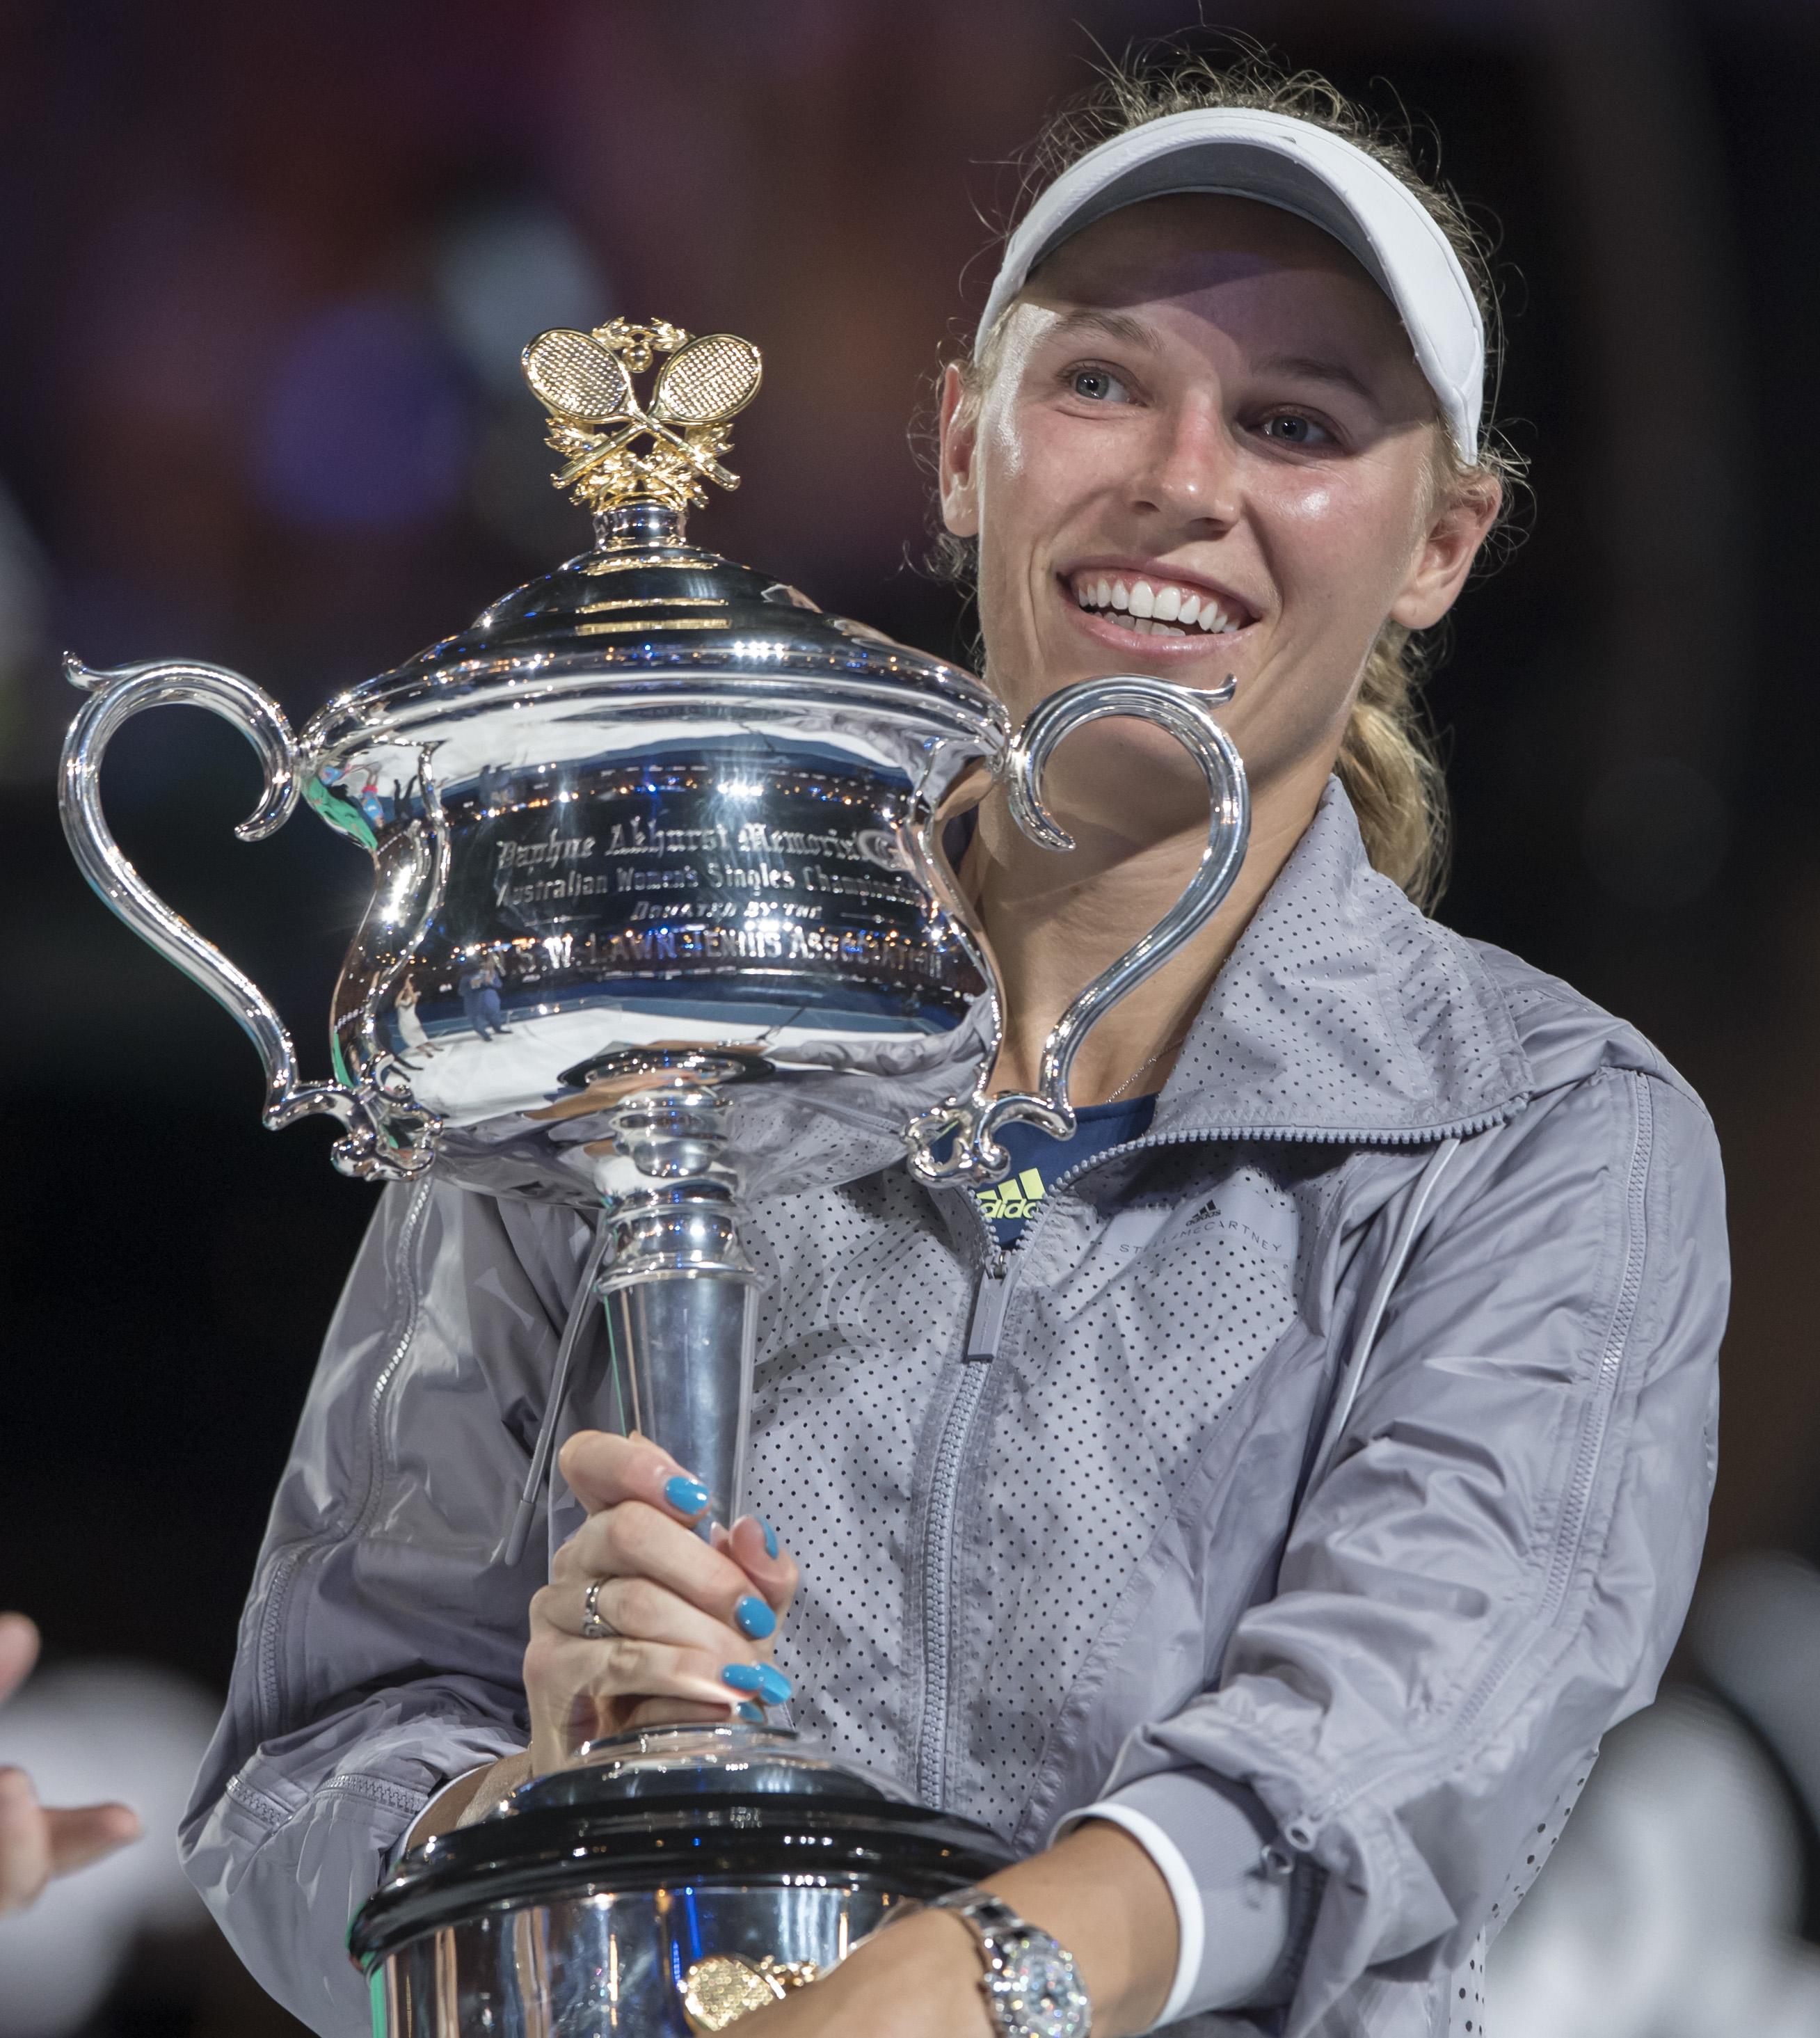 2018 Australian Open - Day 13